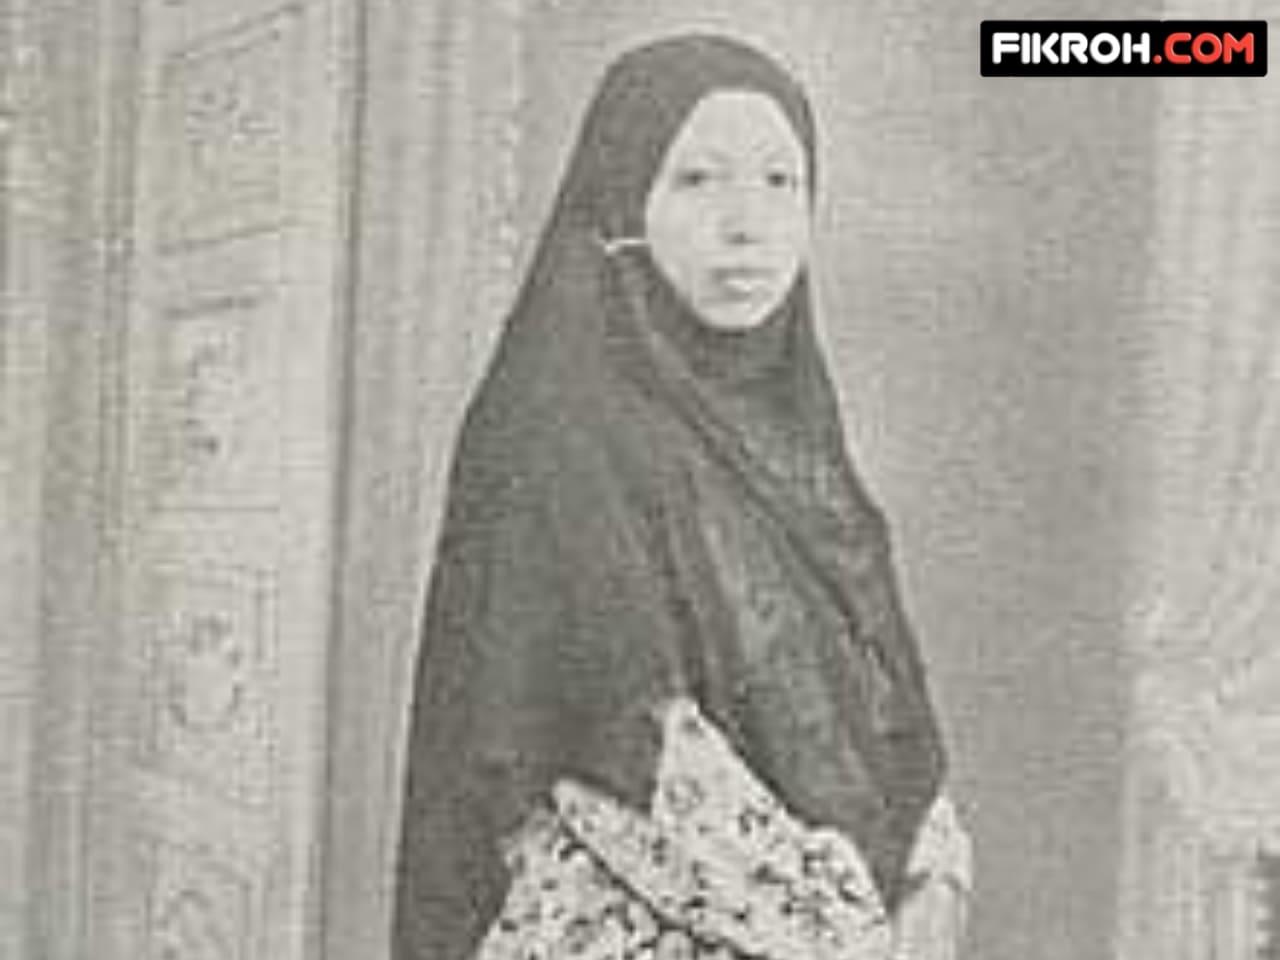 Ulama Wanita Padang Panjang Yang Menginspirasi Al Azhar